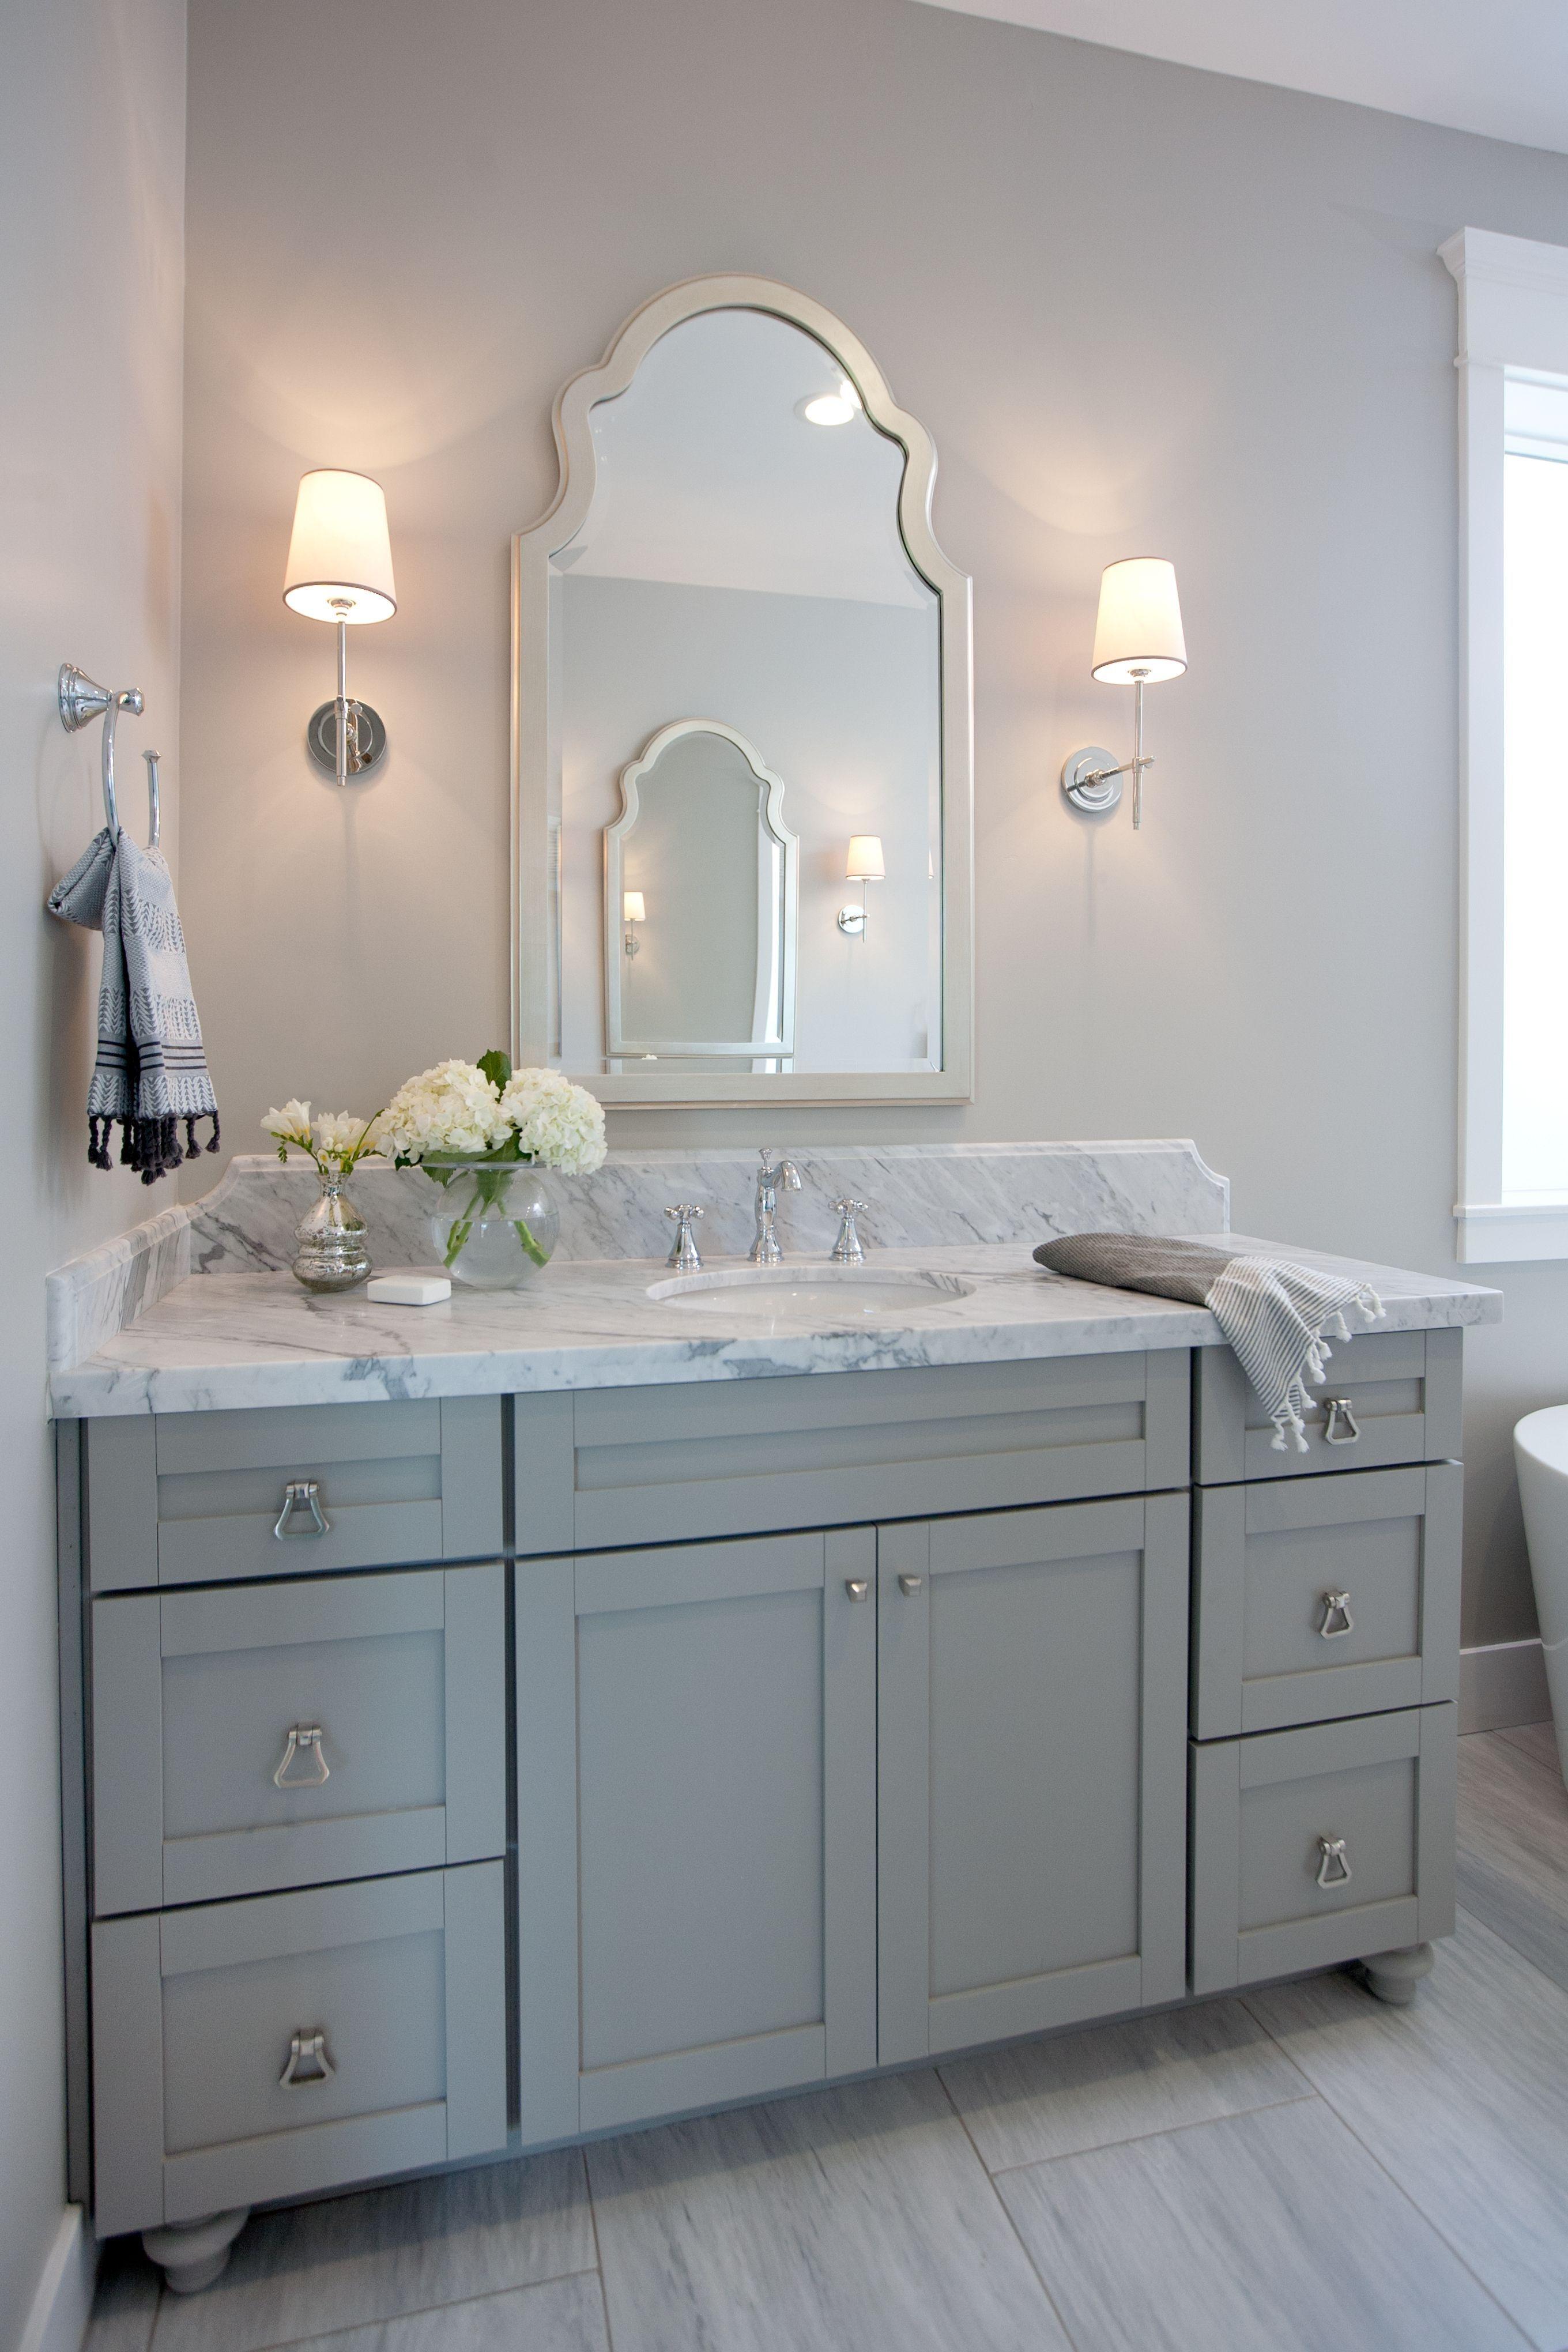 12 Unique Gray Bathroom Vanity Ideas IJ16zu | Gray ...